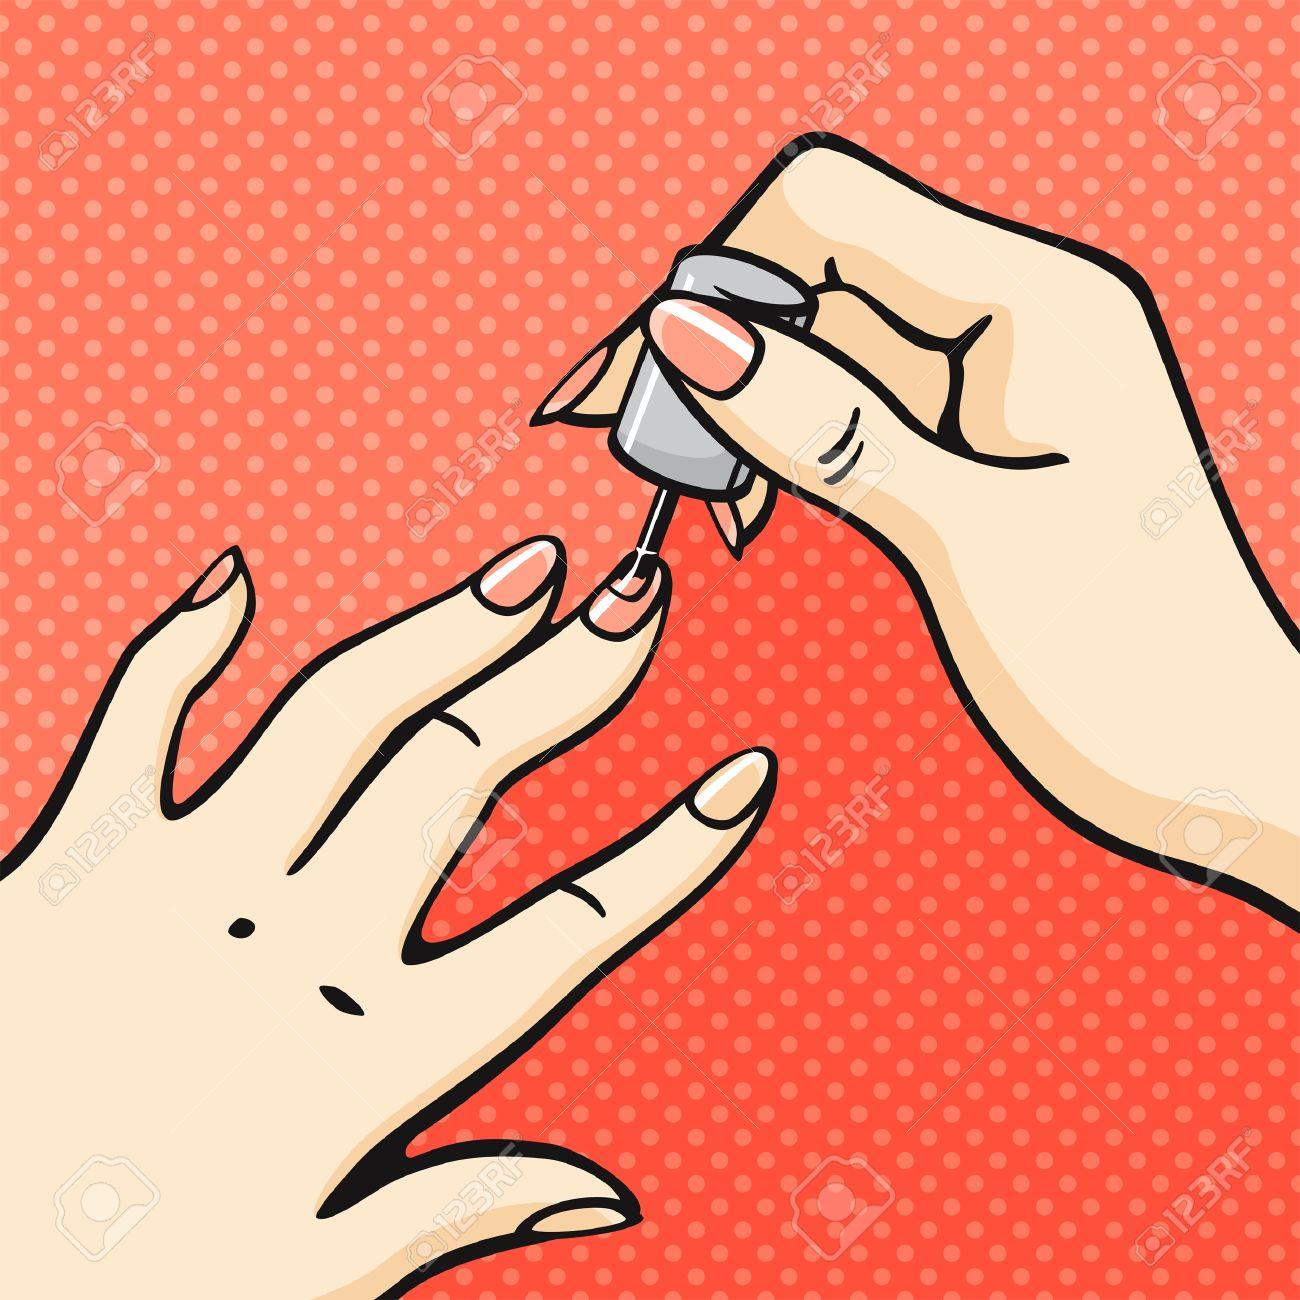 Manicure Clipart & Manicure Clip Art Images.